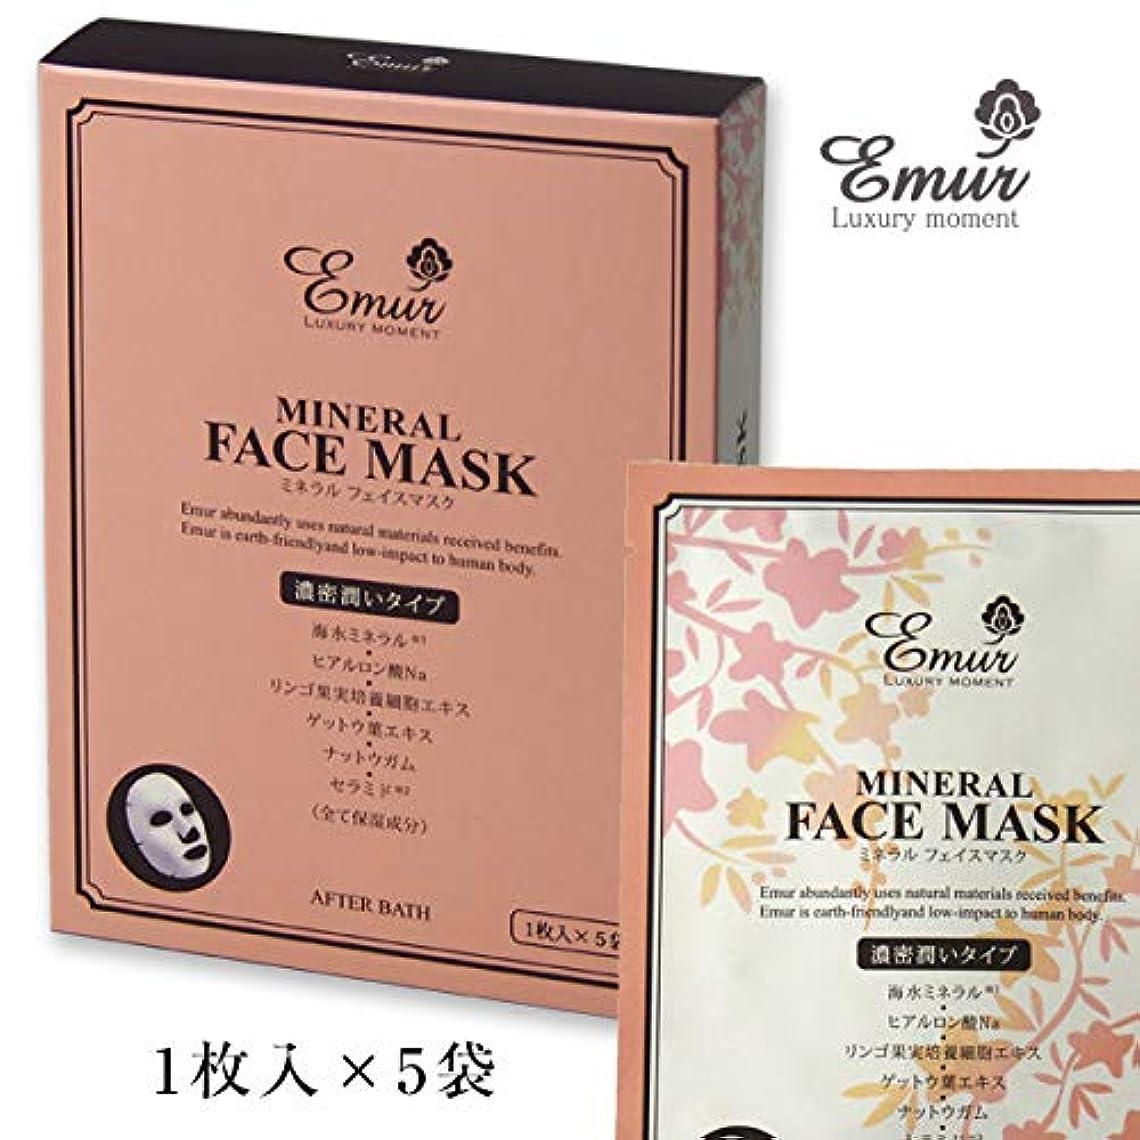 美的登るより平らなエミュール ミネラル フェイスマスク 1枚入×5袋